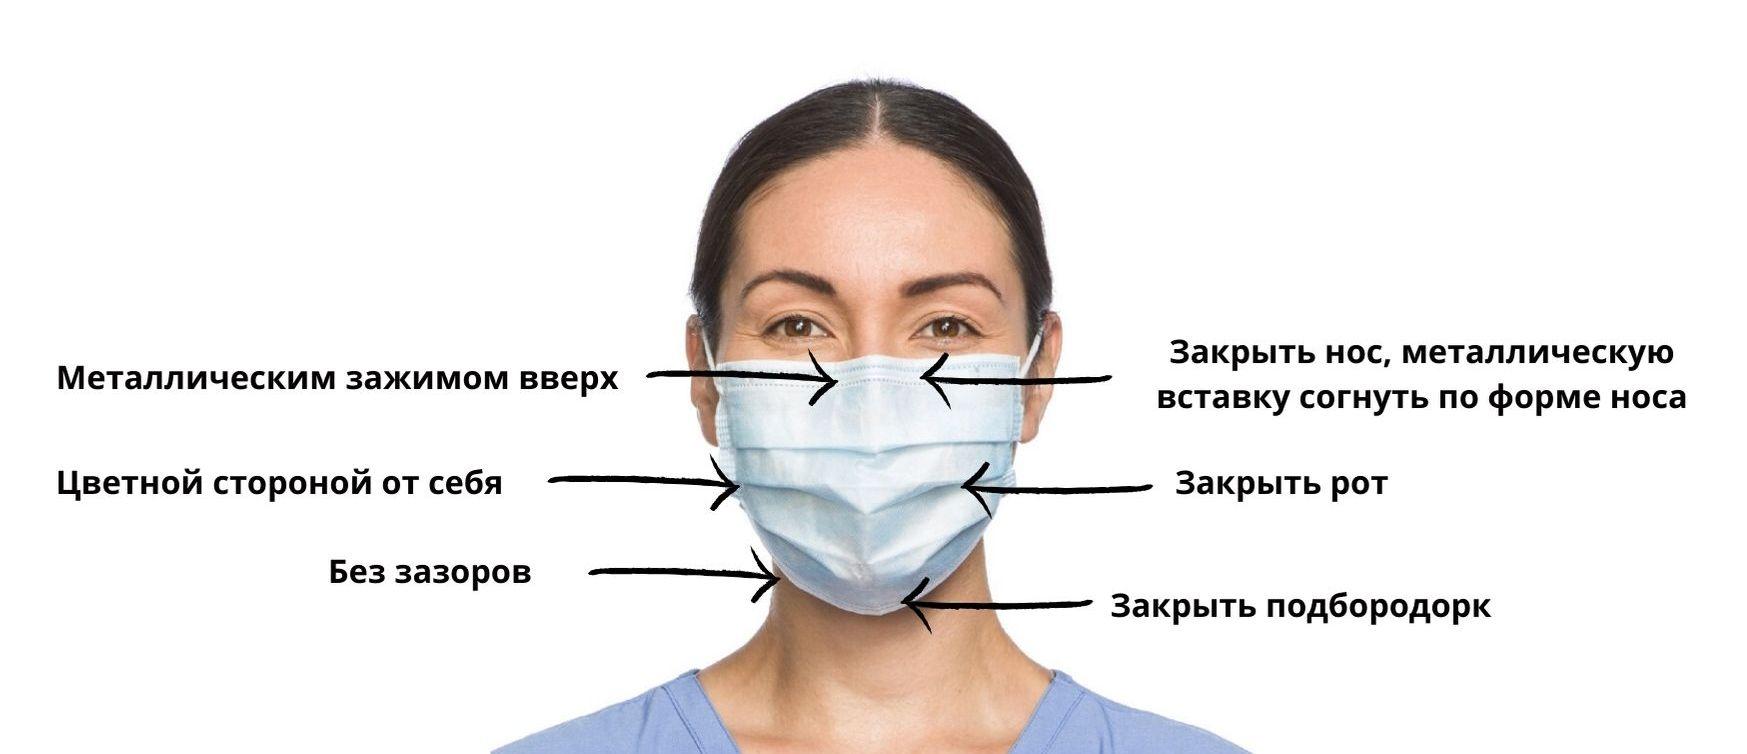 Как носить маску от коронавируса